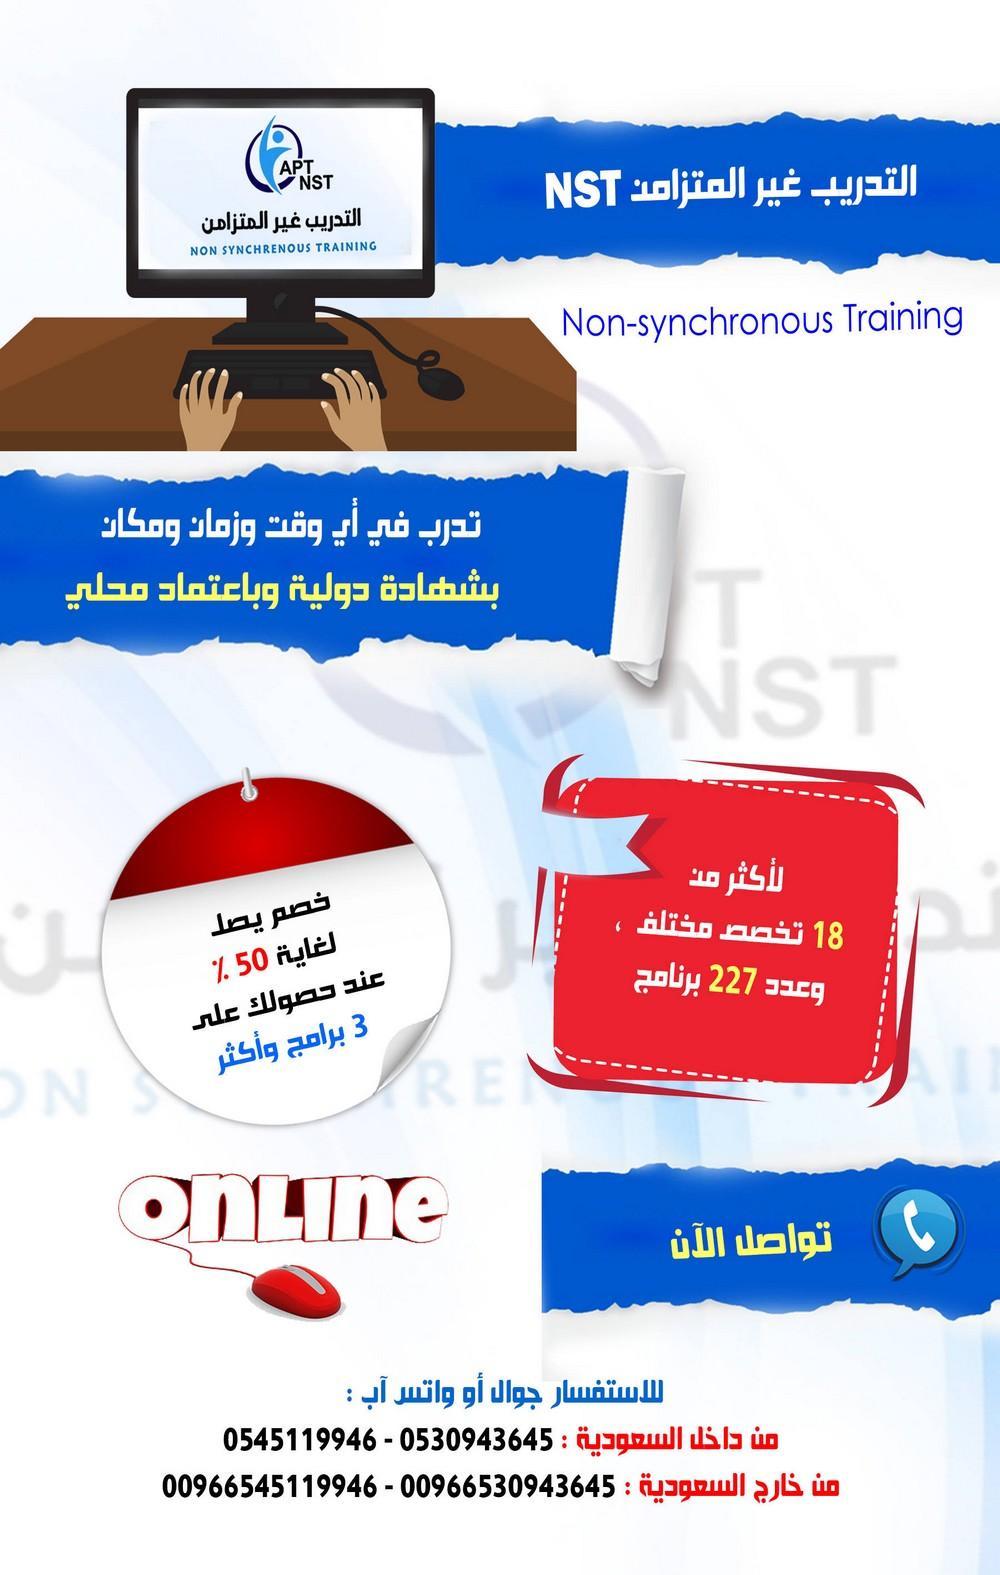 التدريب غير المتزامن nst